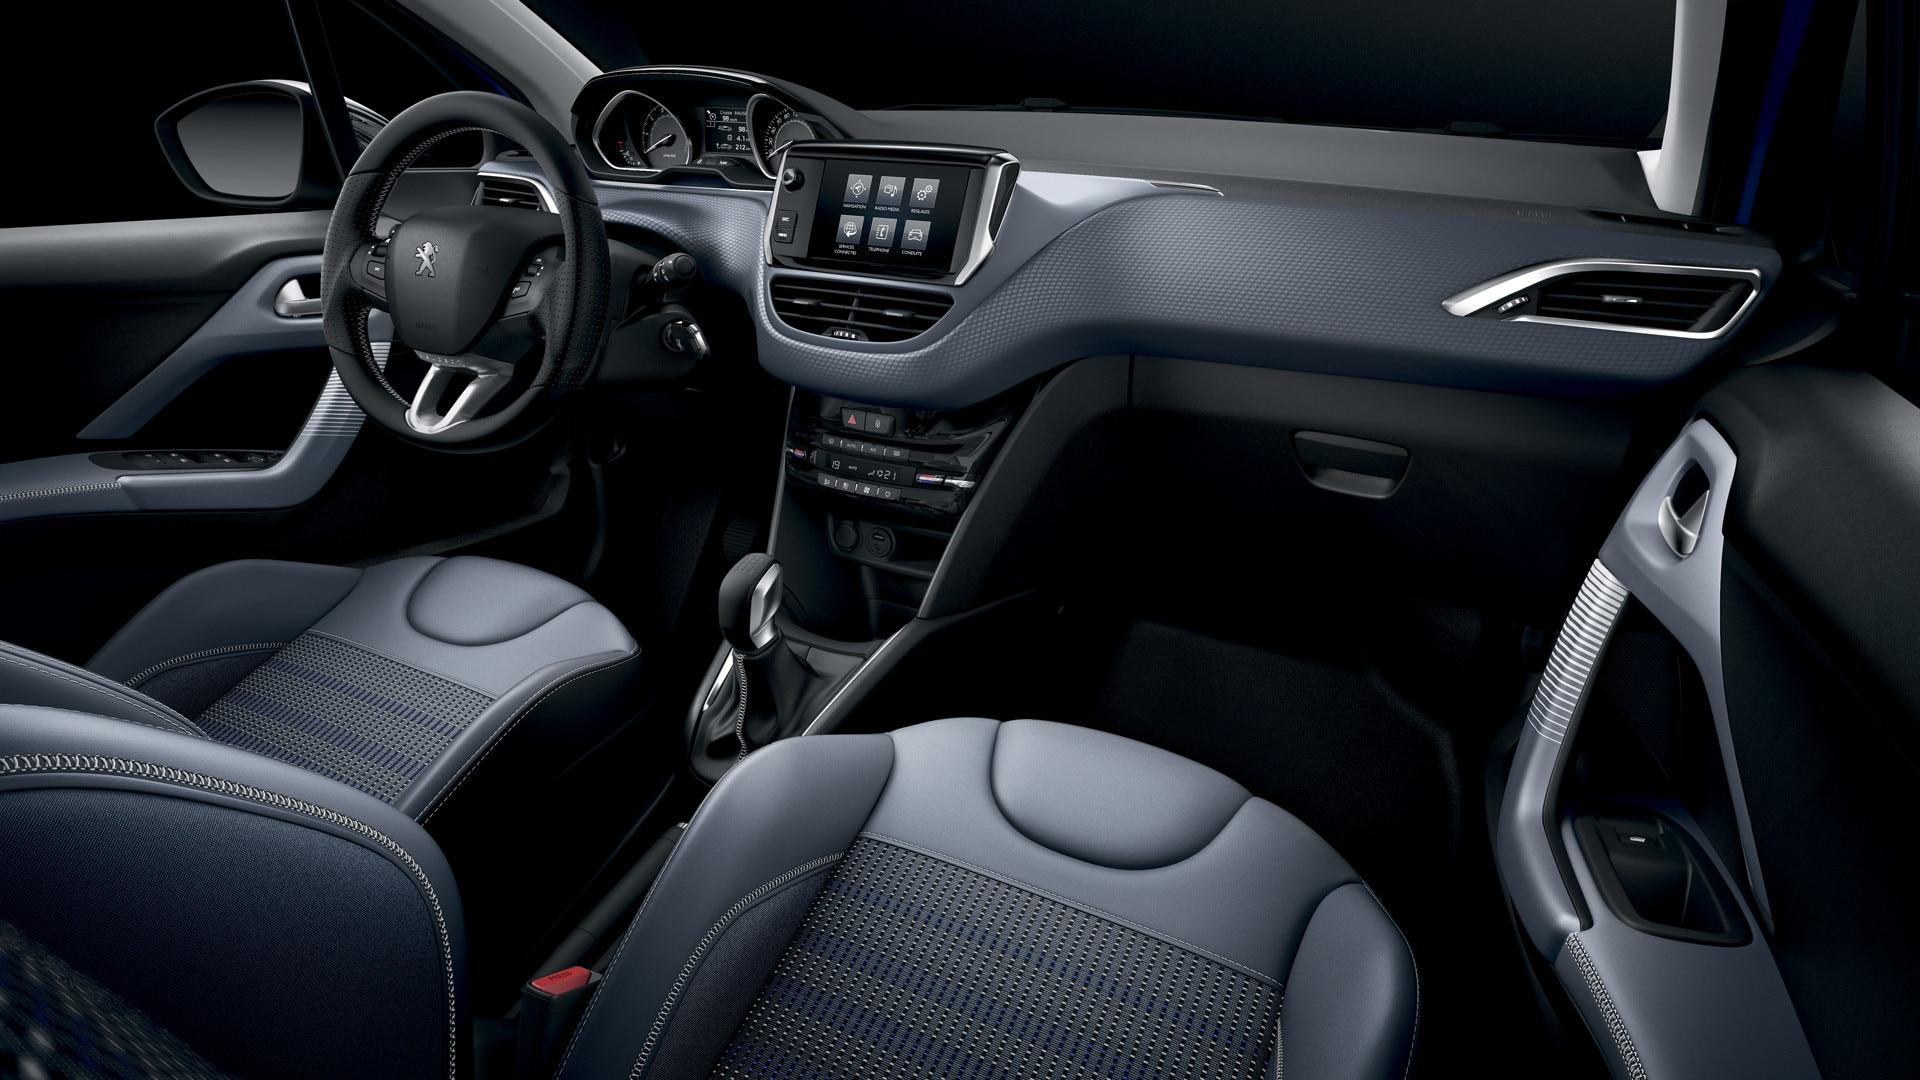 Découvrez La Peugeot Portes Et Demandez Votre Essai - Prix peugeot 208 neuve essence 5 portes